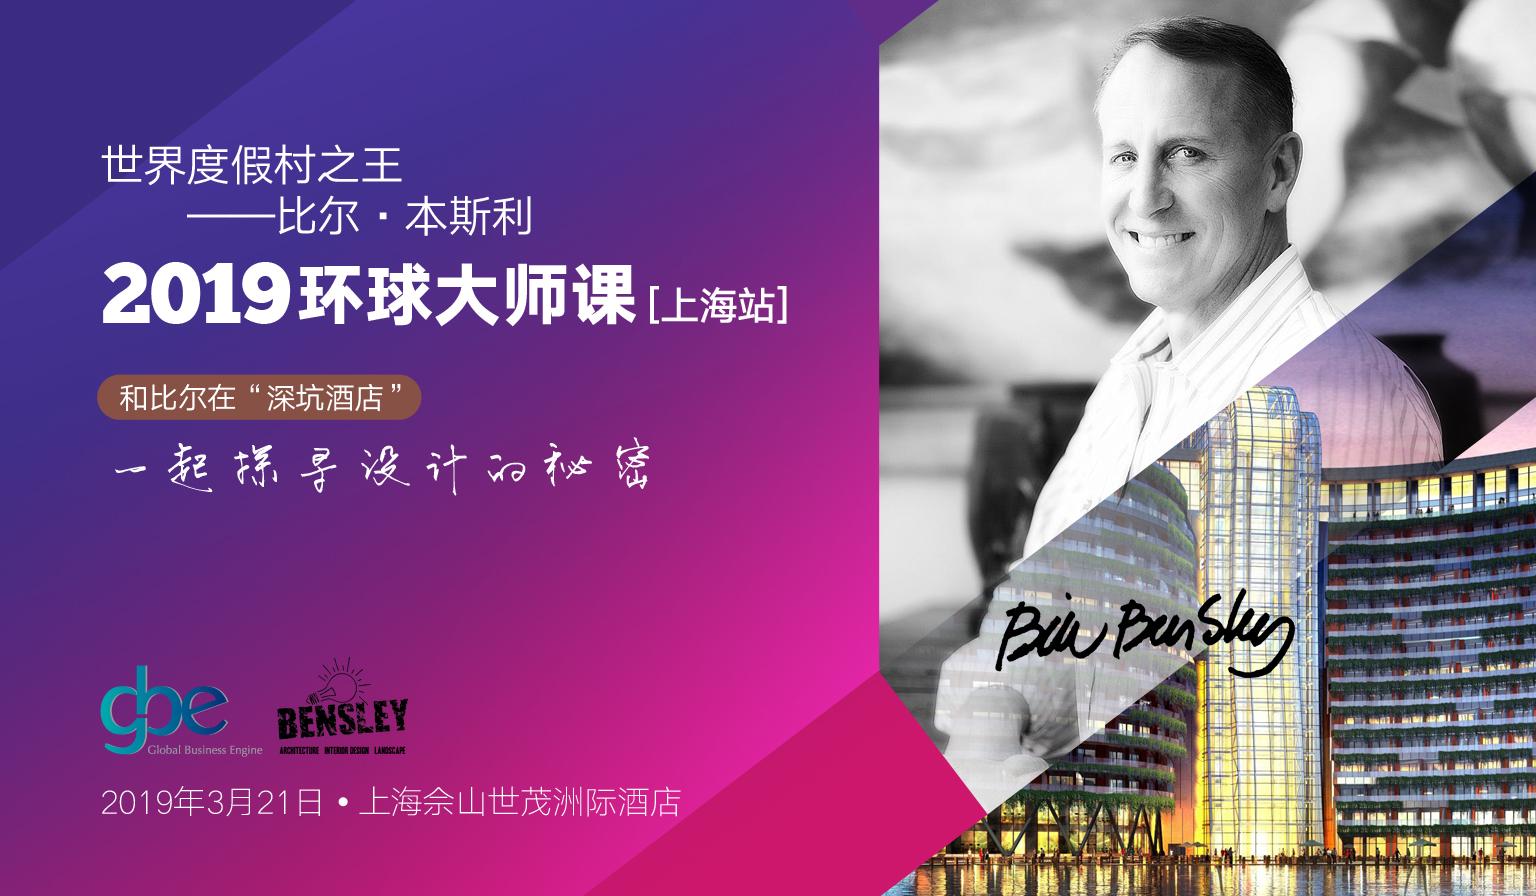 """""""世界奢华度假村之王""""比尔·本斯利2019环球大师课上海站-材料在线"""